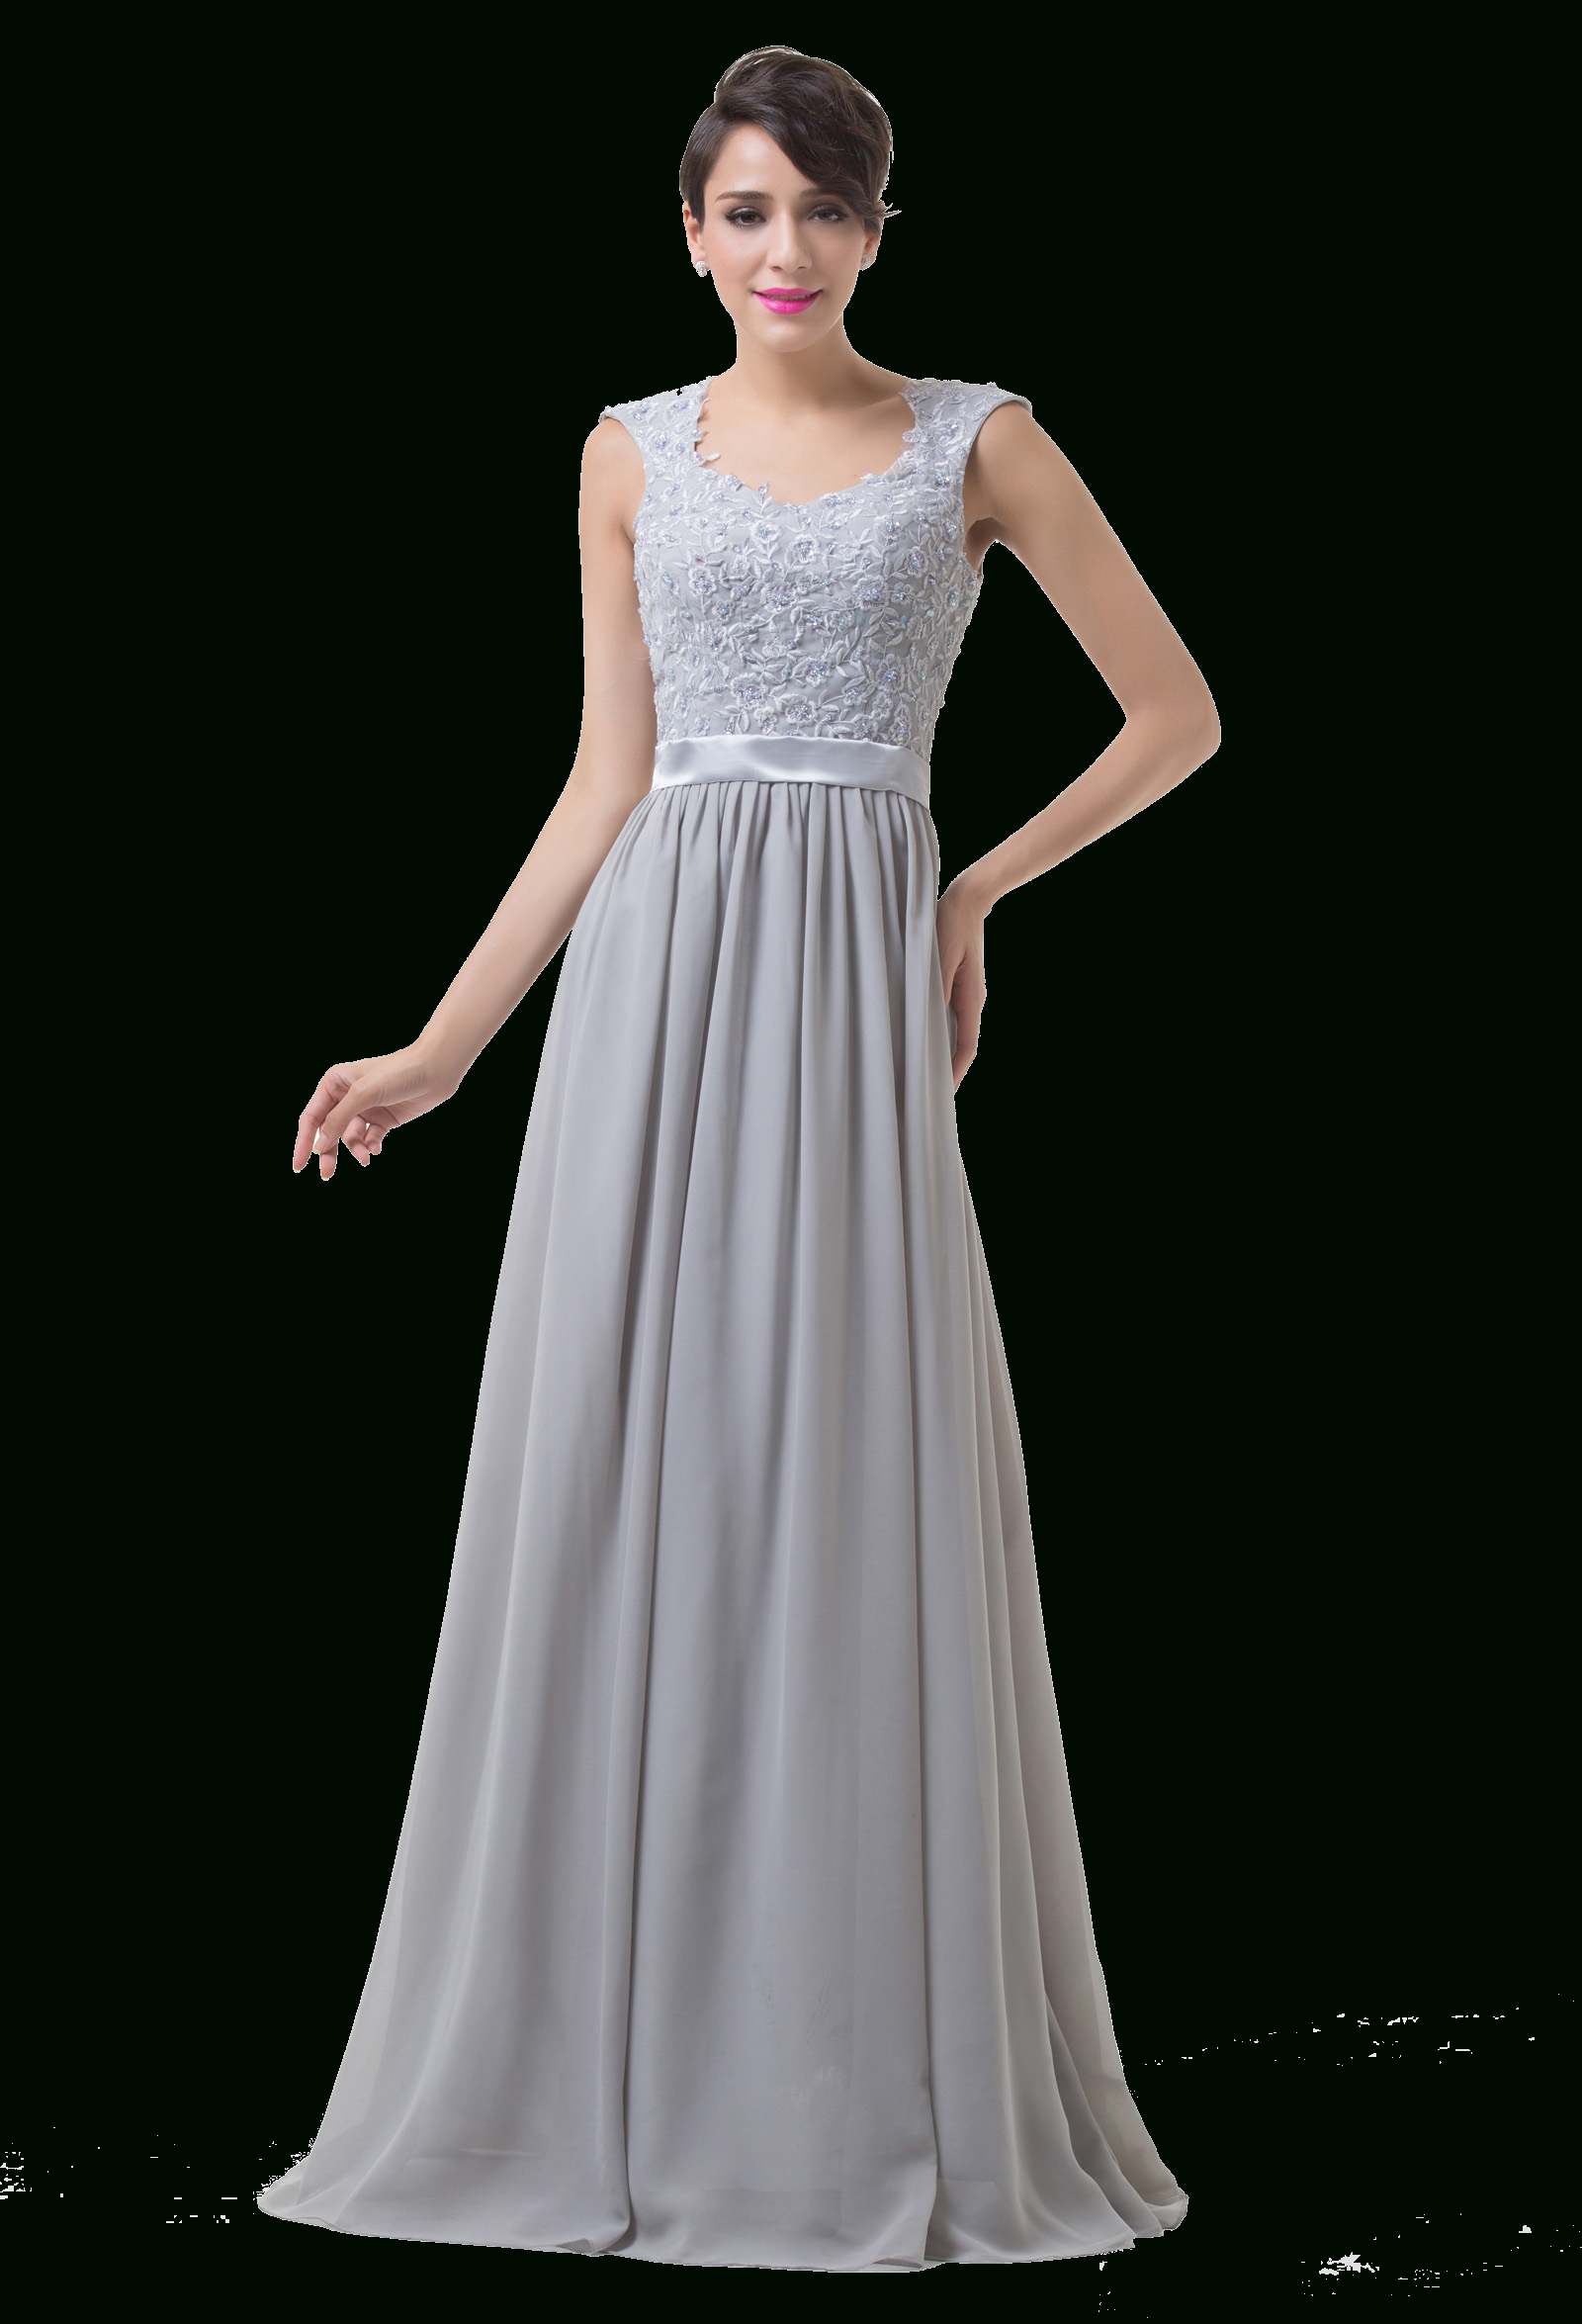 15 Schön Abend Kleid Grau SpezialgebietFormal Schön Abend Kleid Grau Ärmel